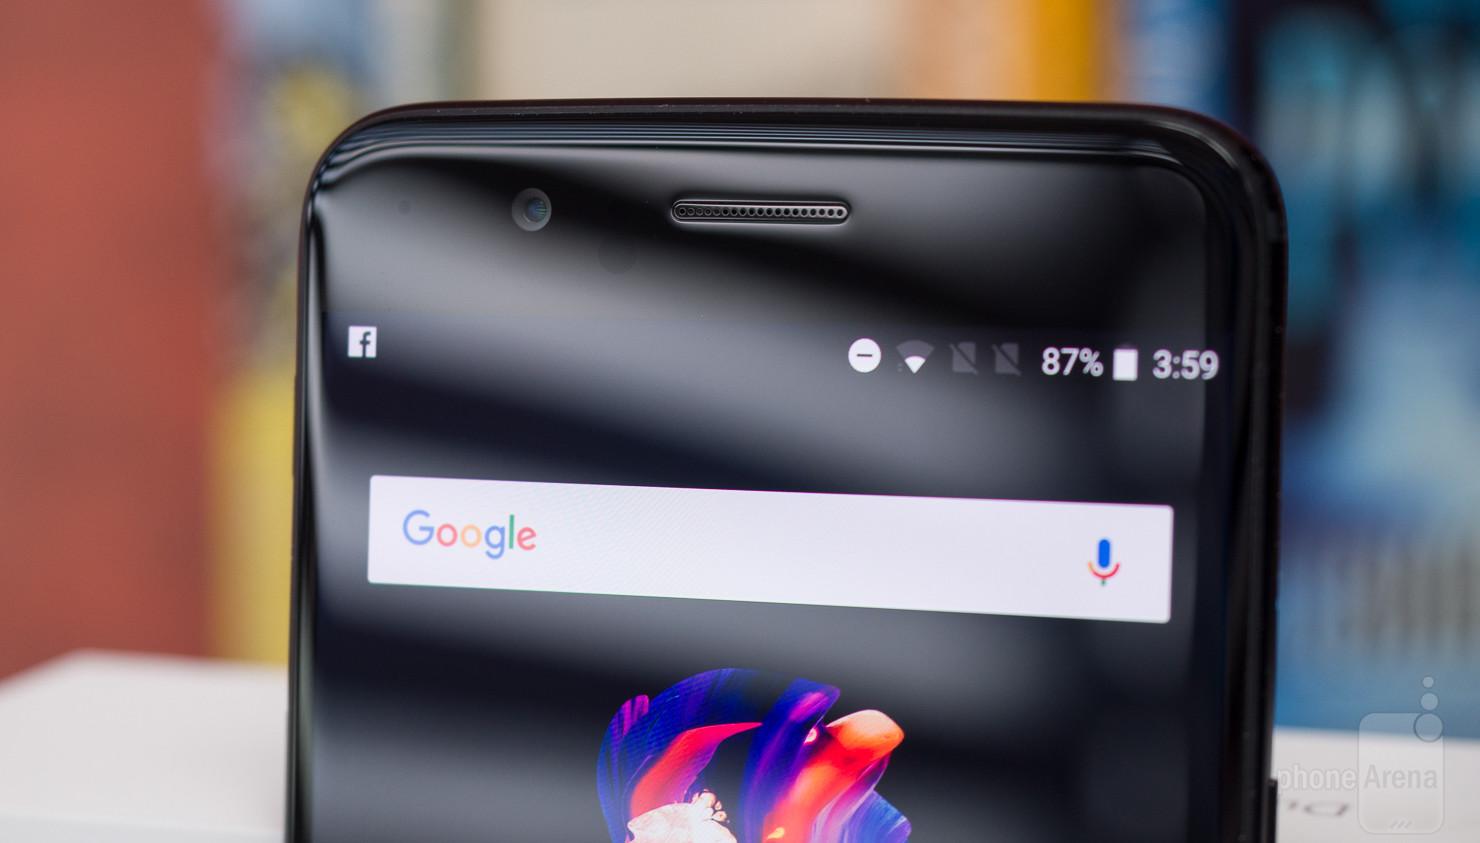 وان پلاس 5 تی (OnePlus 5T) میتواند در اواخر ماه نوامبر (اواسط آذر) معرفی شود